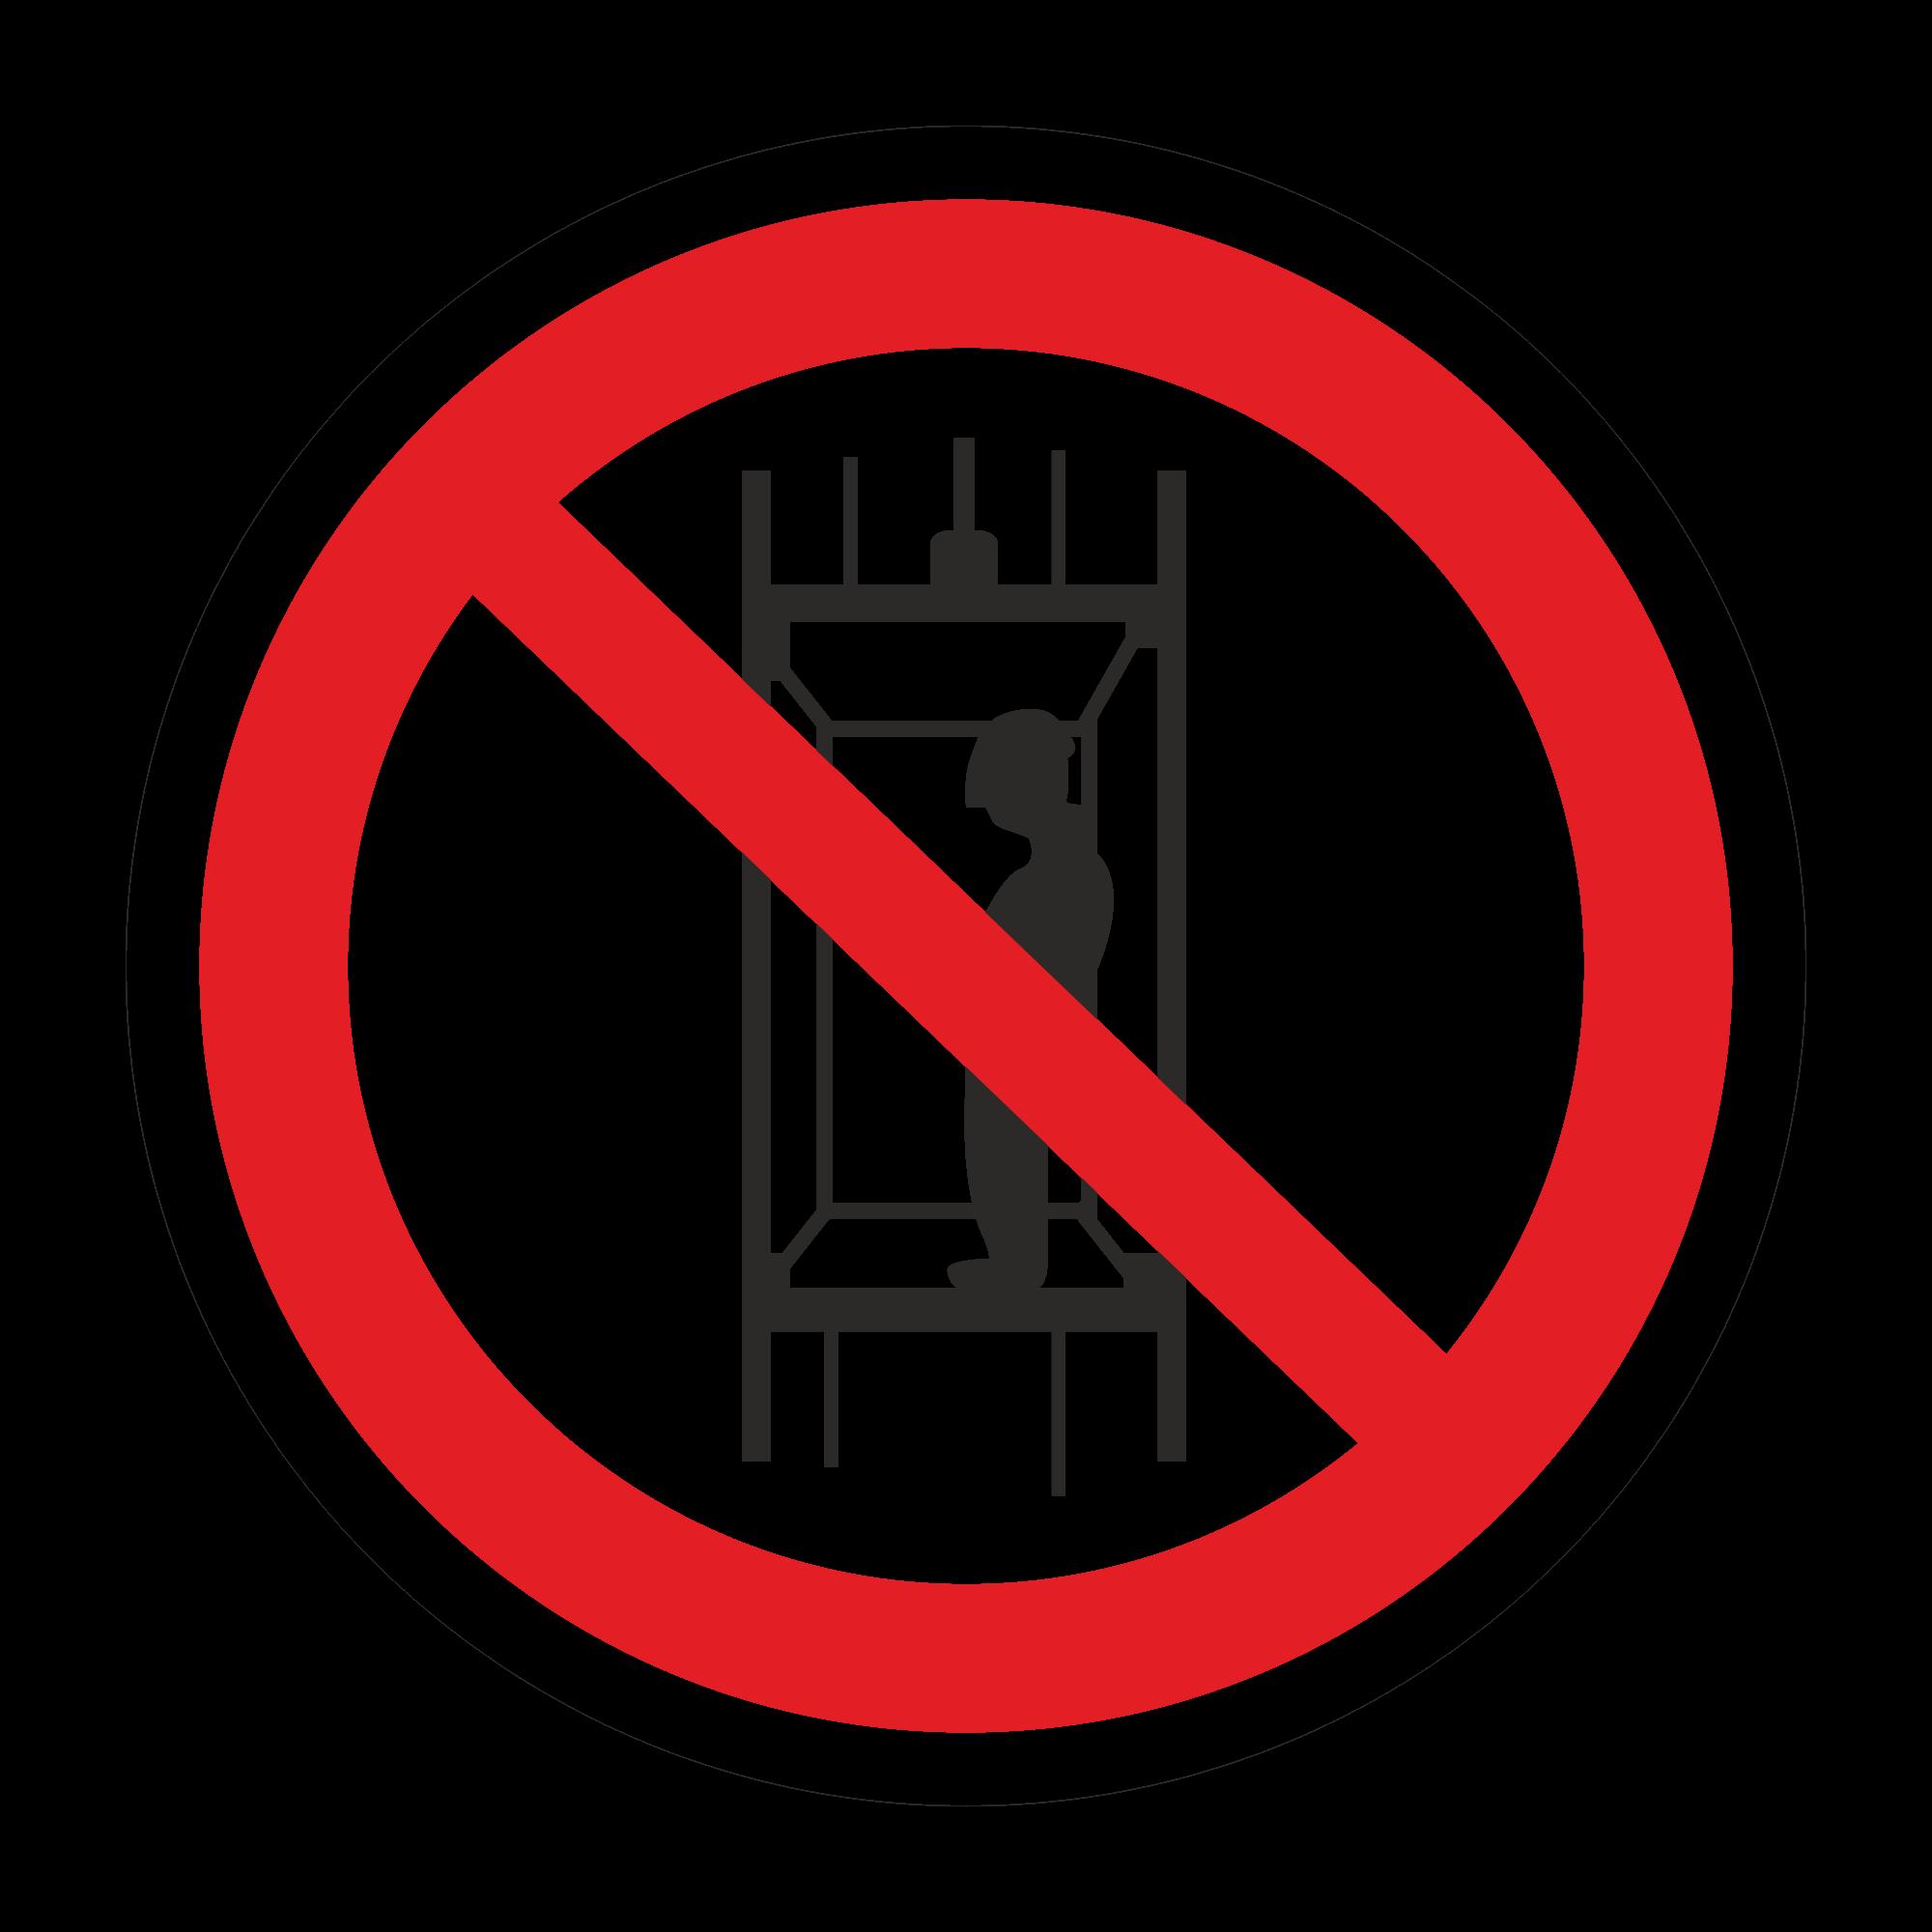 Р13 Запрещается подъем (спуск) людей по шахтному стволу